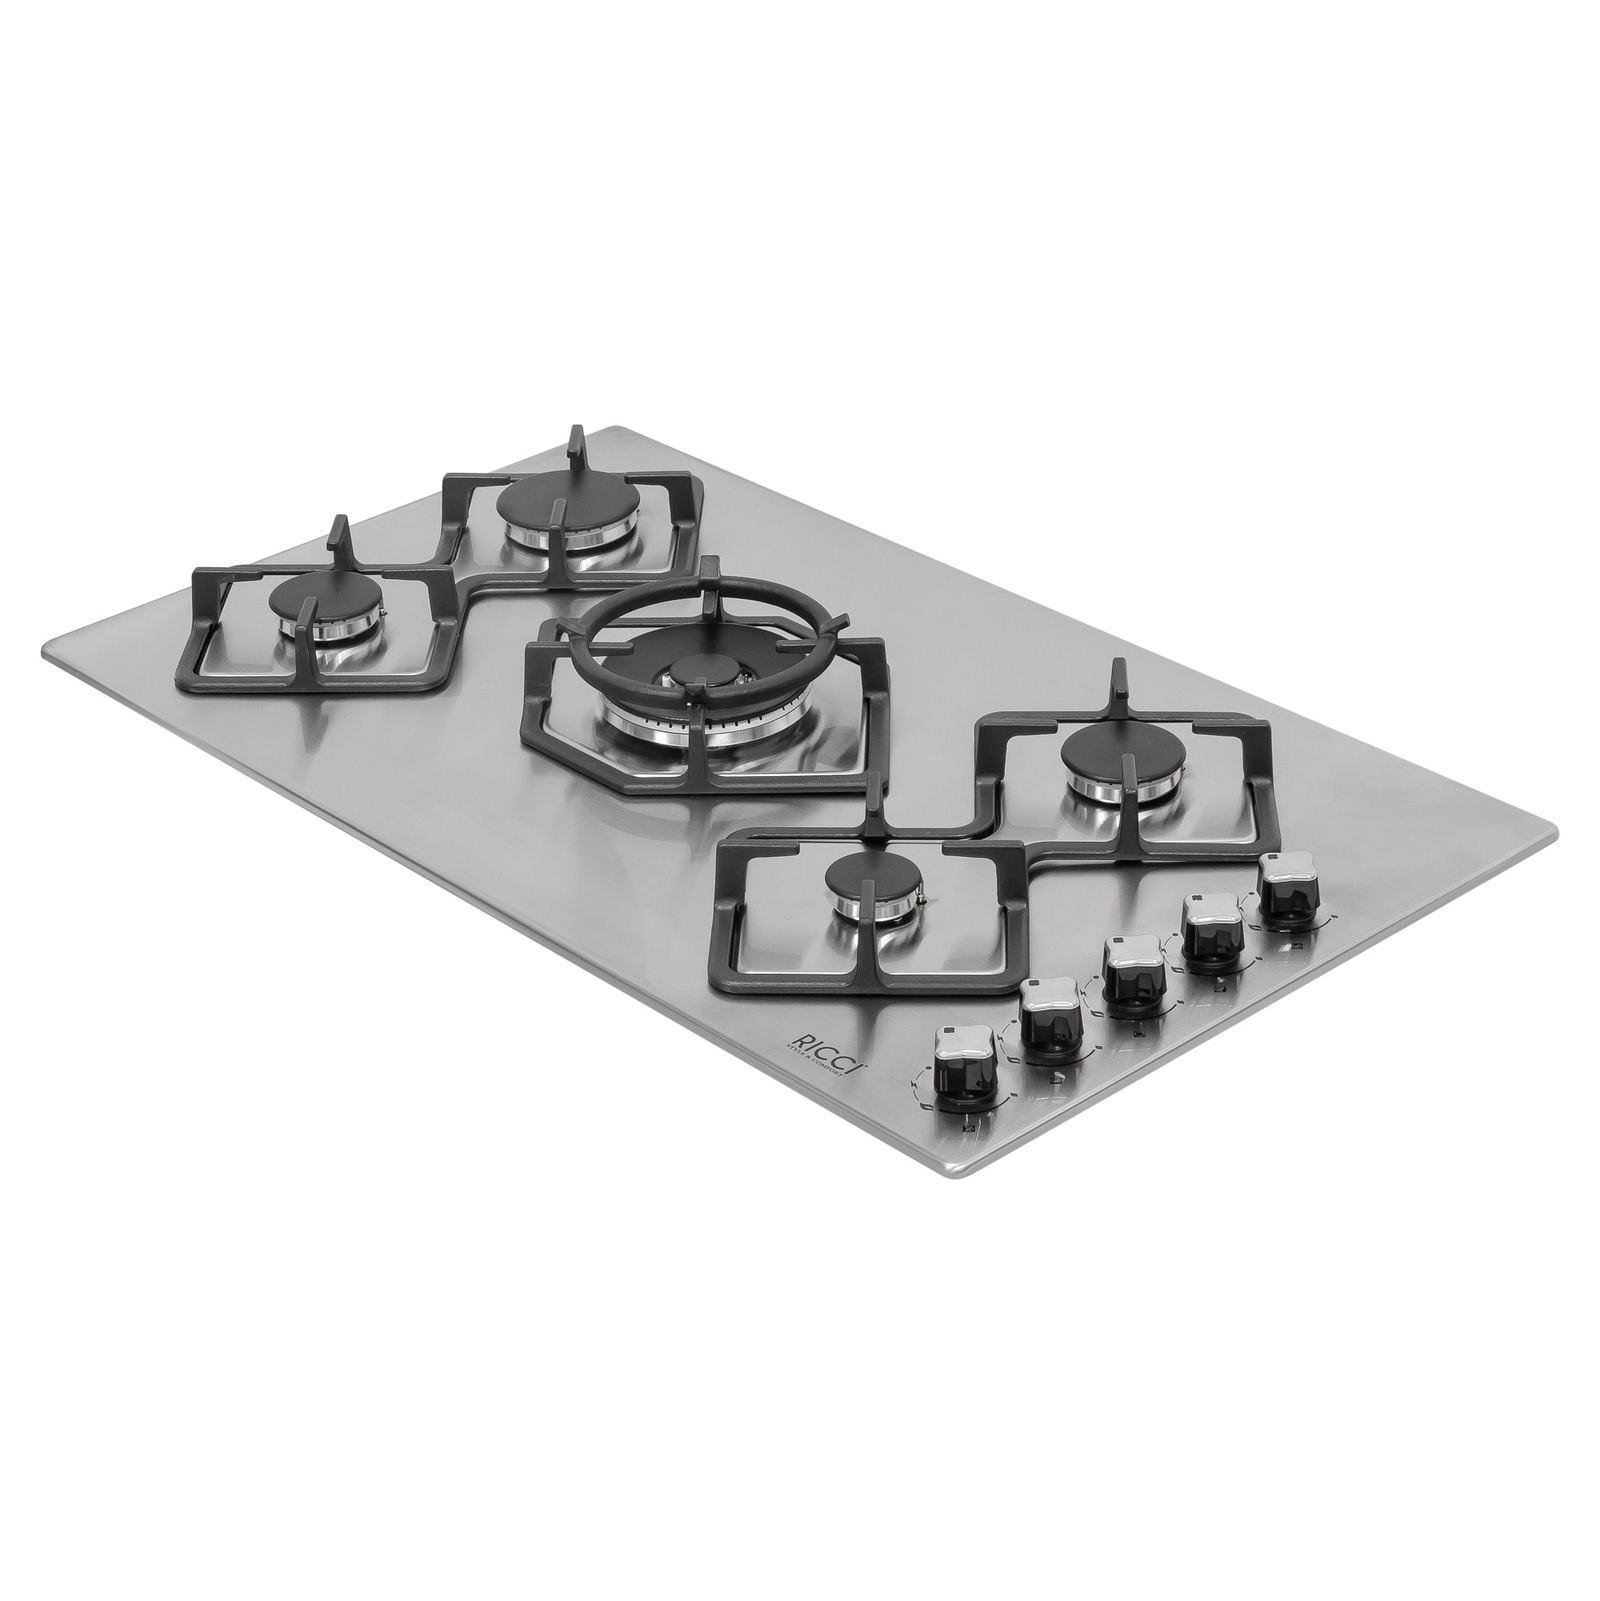 Варочная газовая панель Ricci RGN-КА5041IX встраиваемая, 5-ти конфорочная, цвет: нержавеющая сталь встраиваемая газовая варочная панель pyramida pfe 644 black